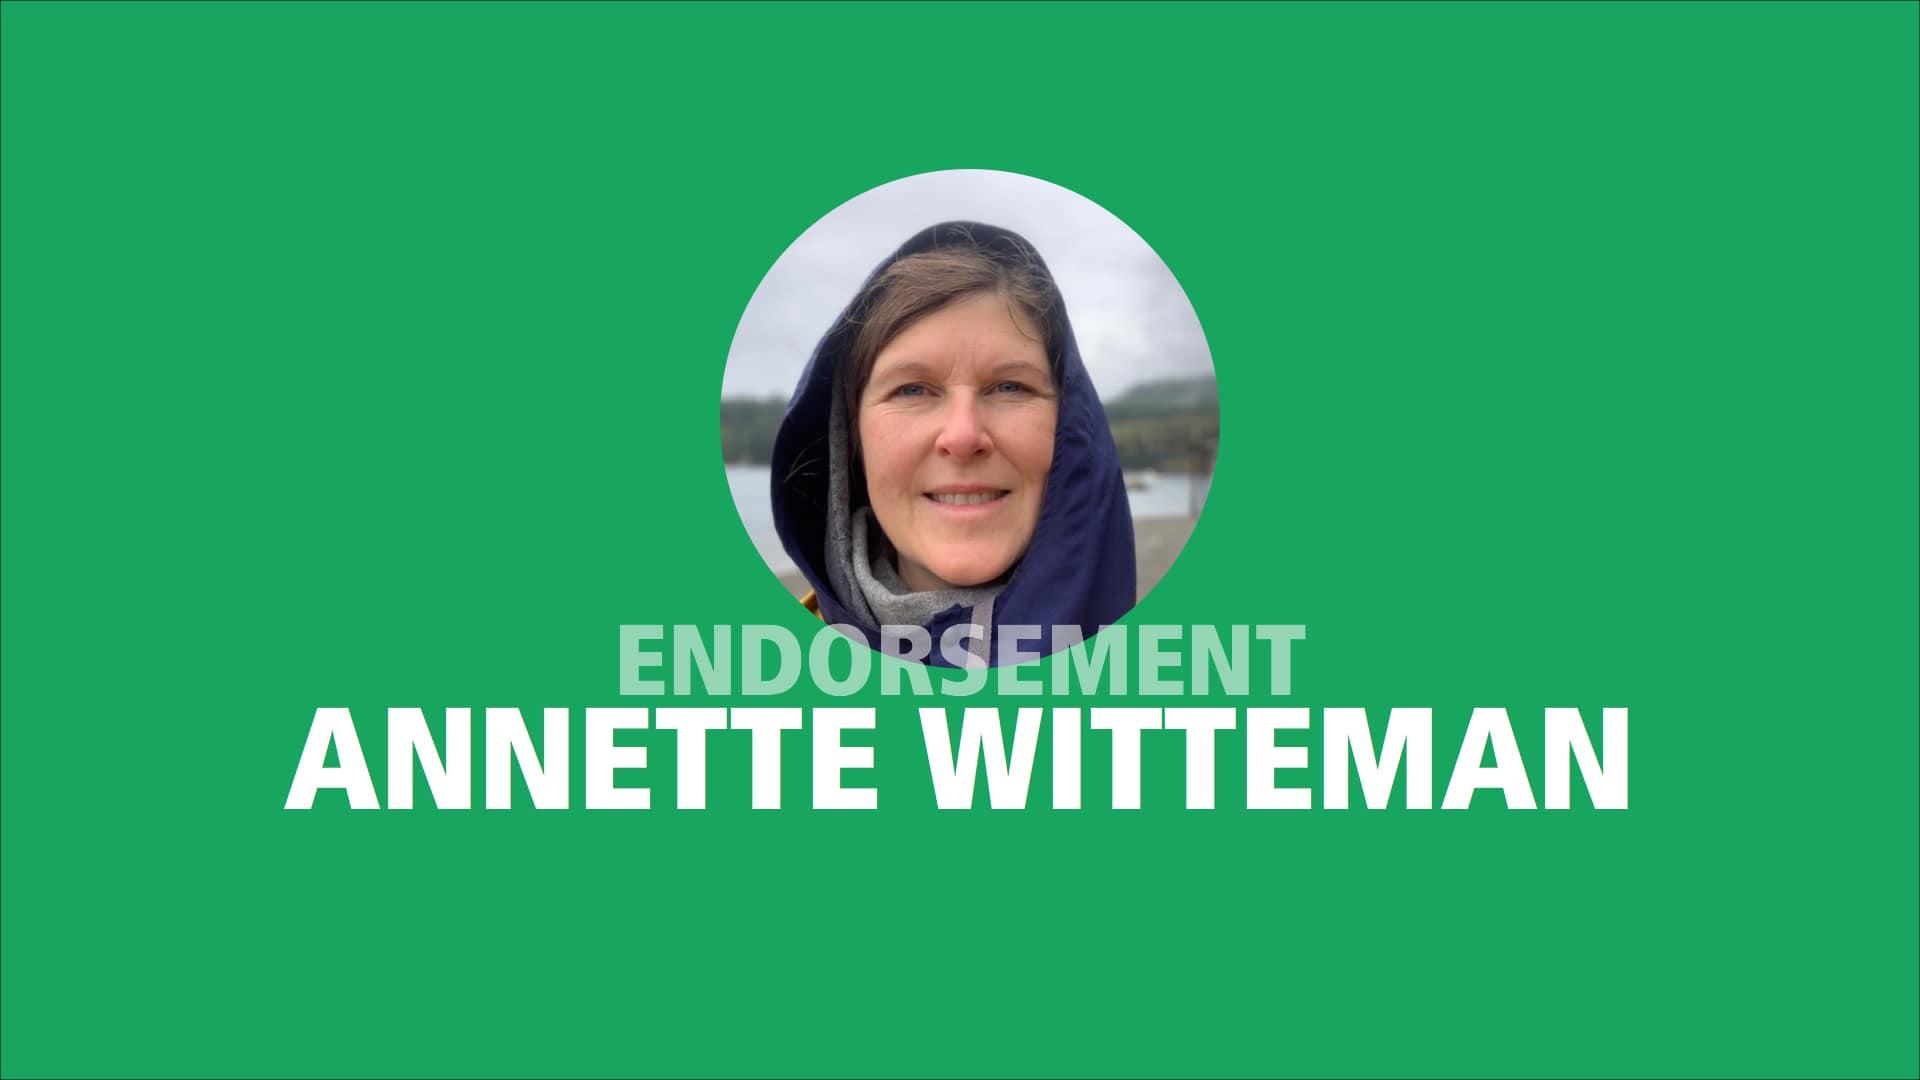 Annette Witteman endorses Adam Olsen